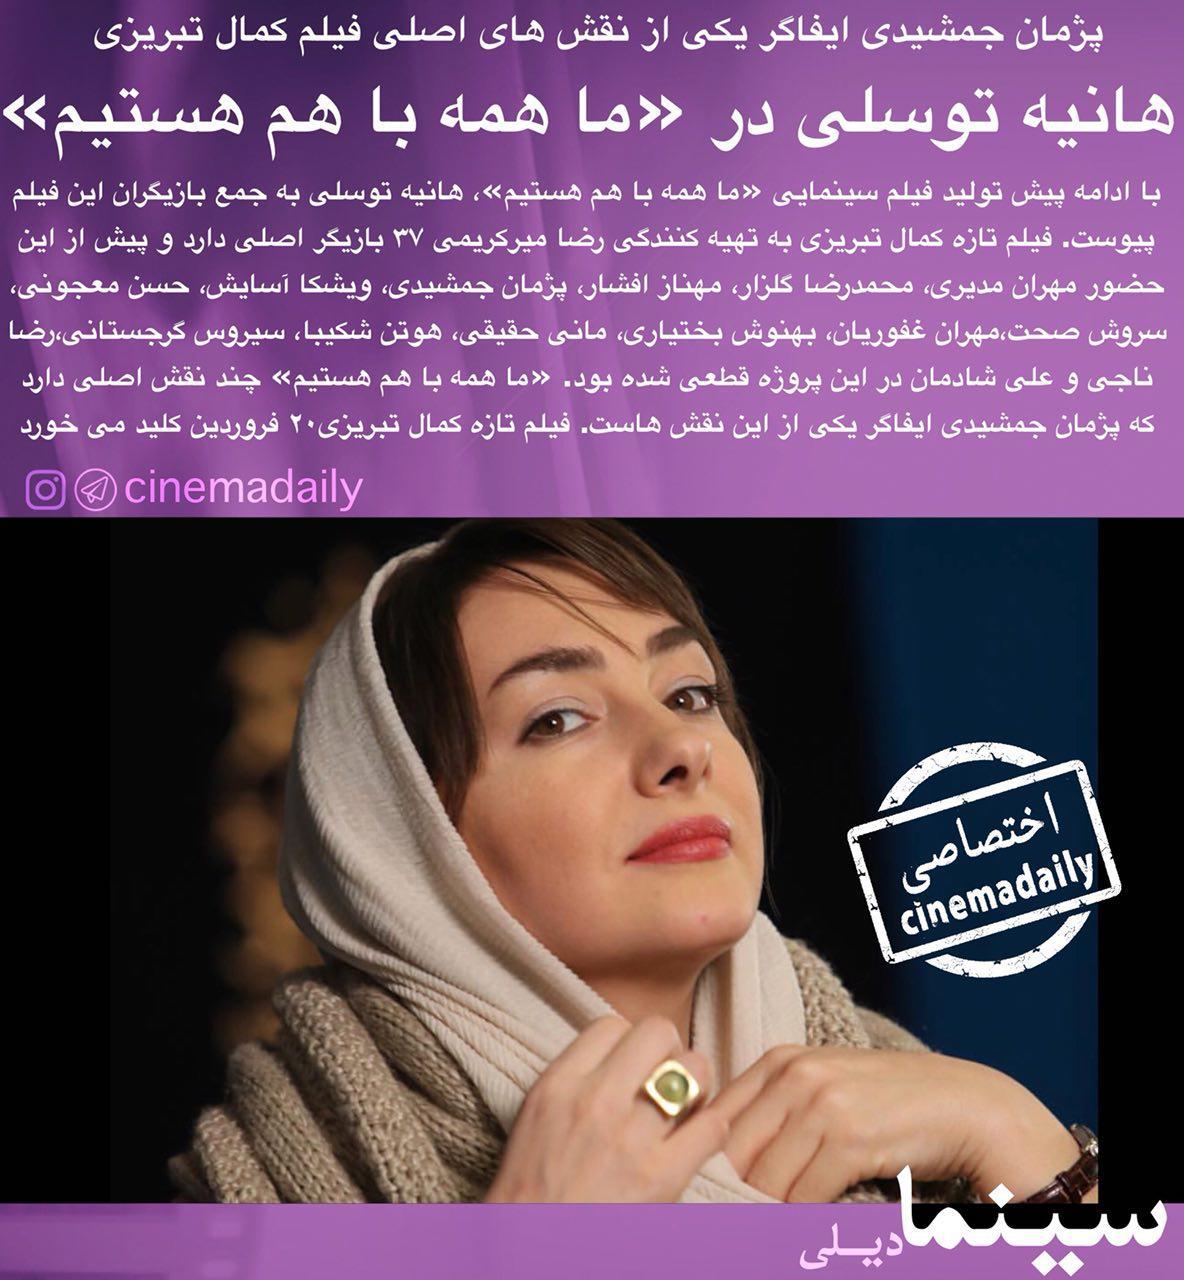 هانیه توسلی به فیلم ما همه با هم هستیم کمال تبریزی پیوست